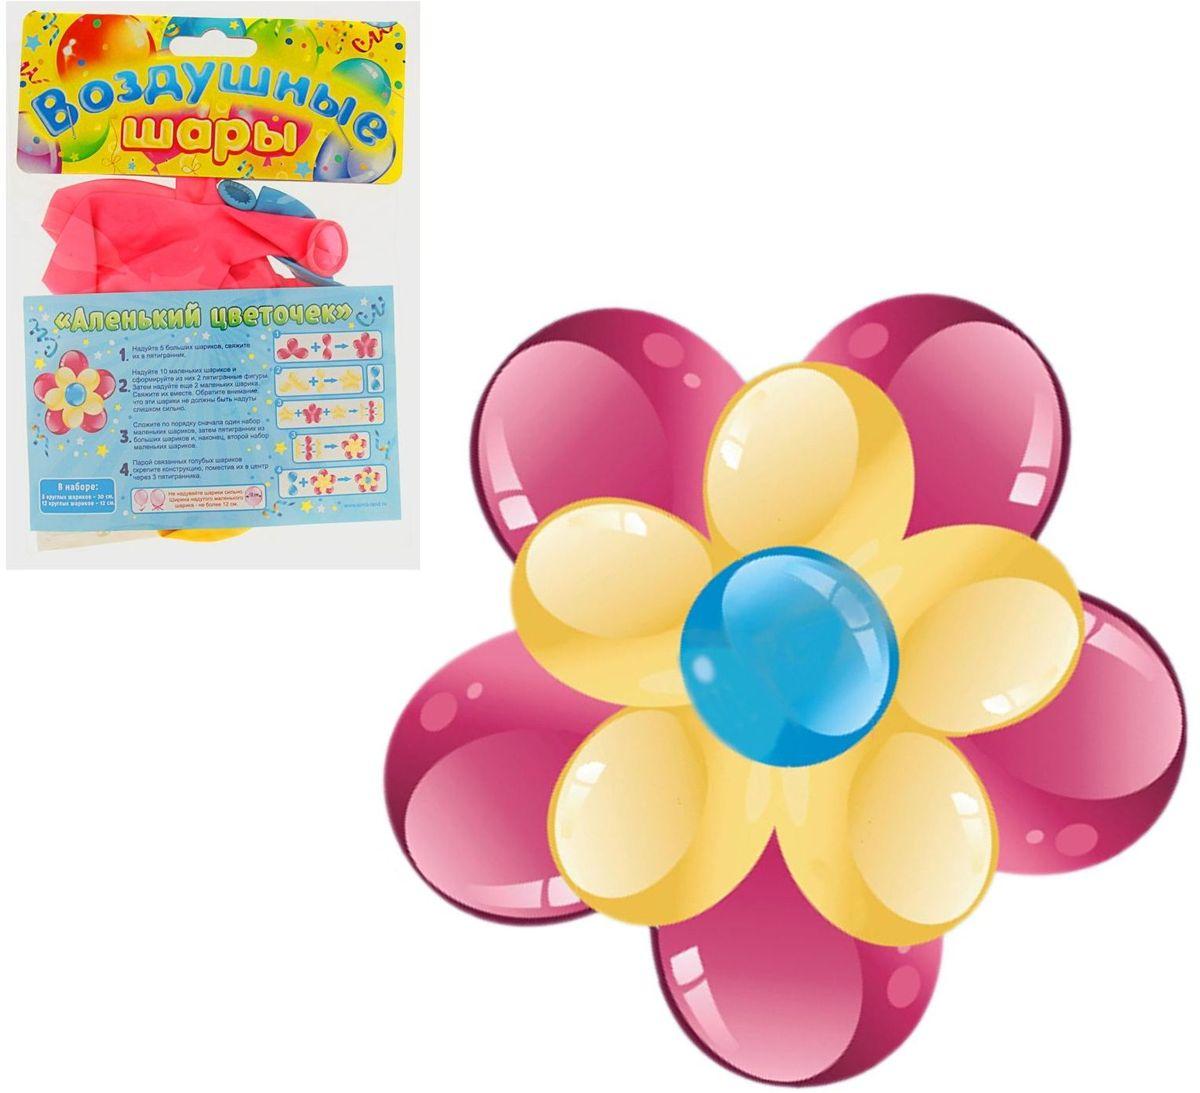 Страна Карнавалия Набор воздушных шаров Обьемный цветок 17 шт